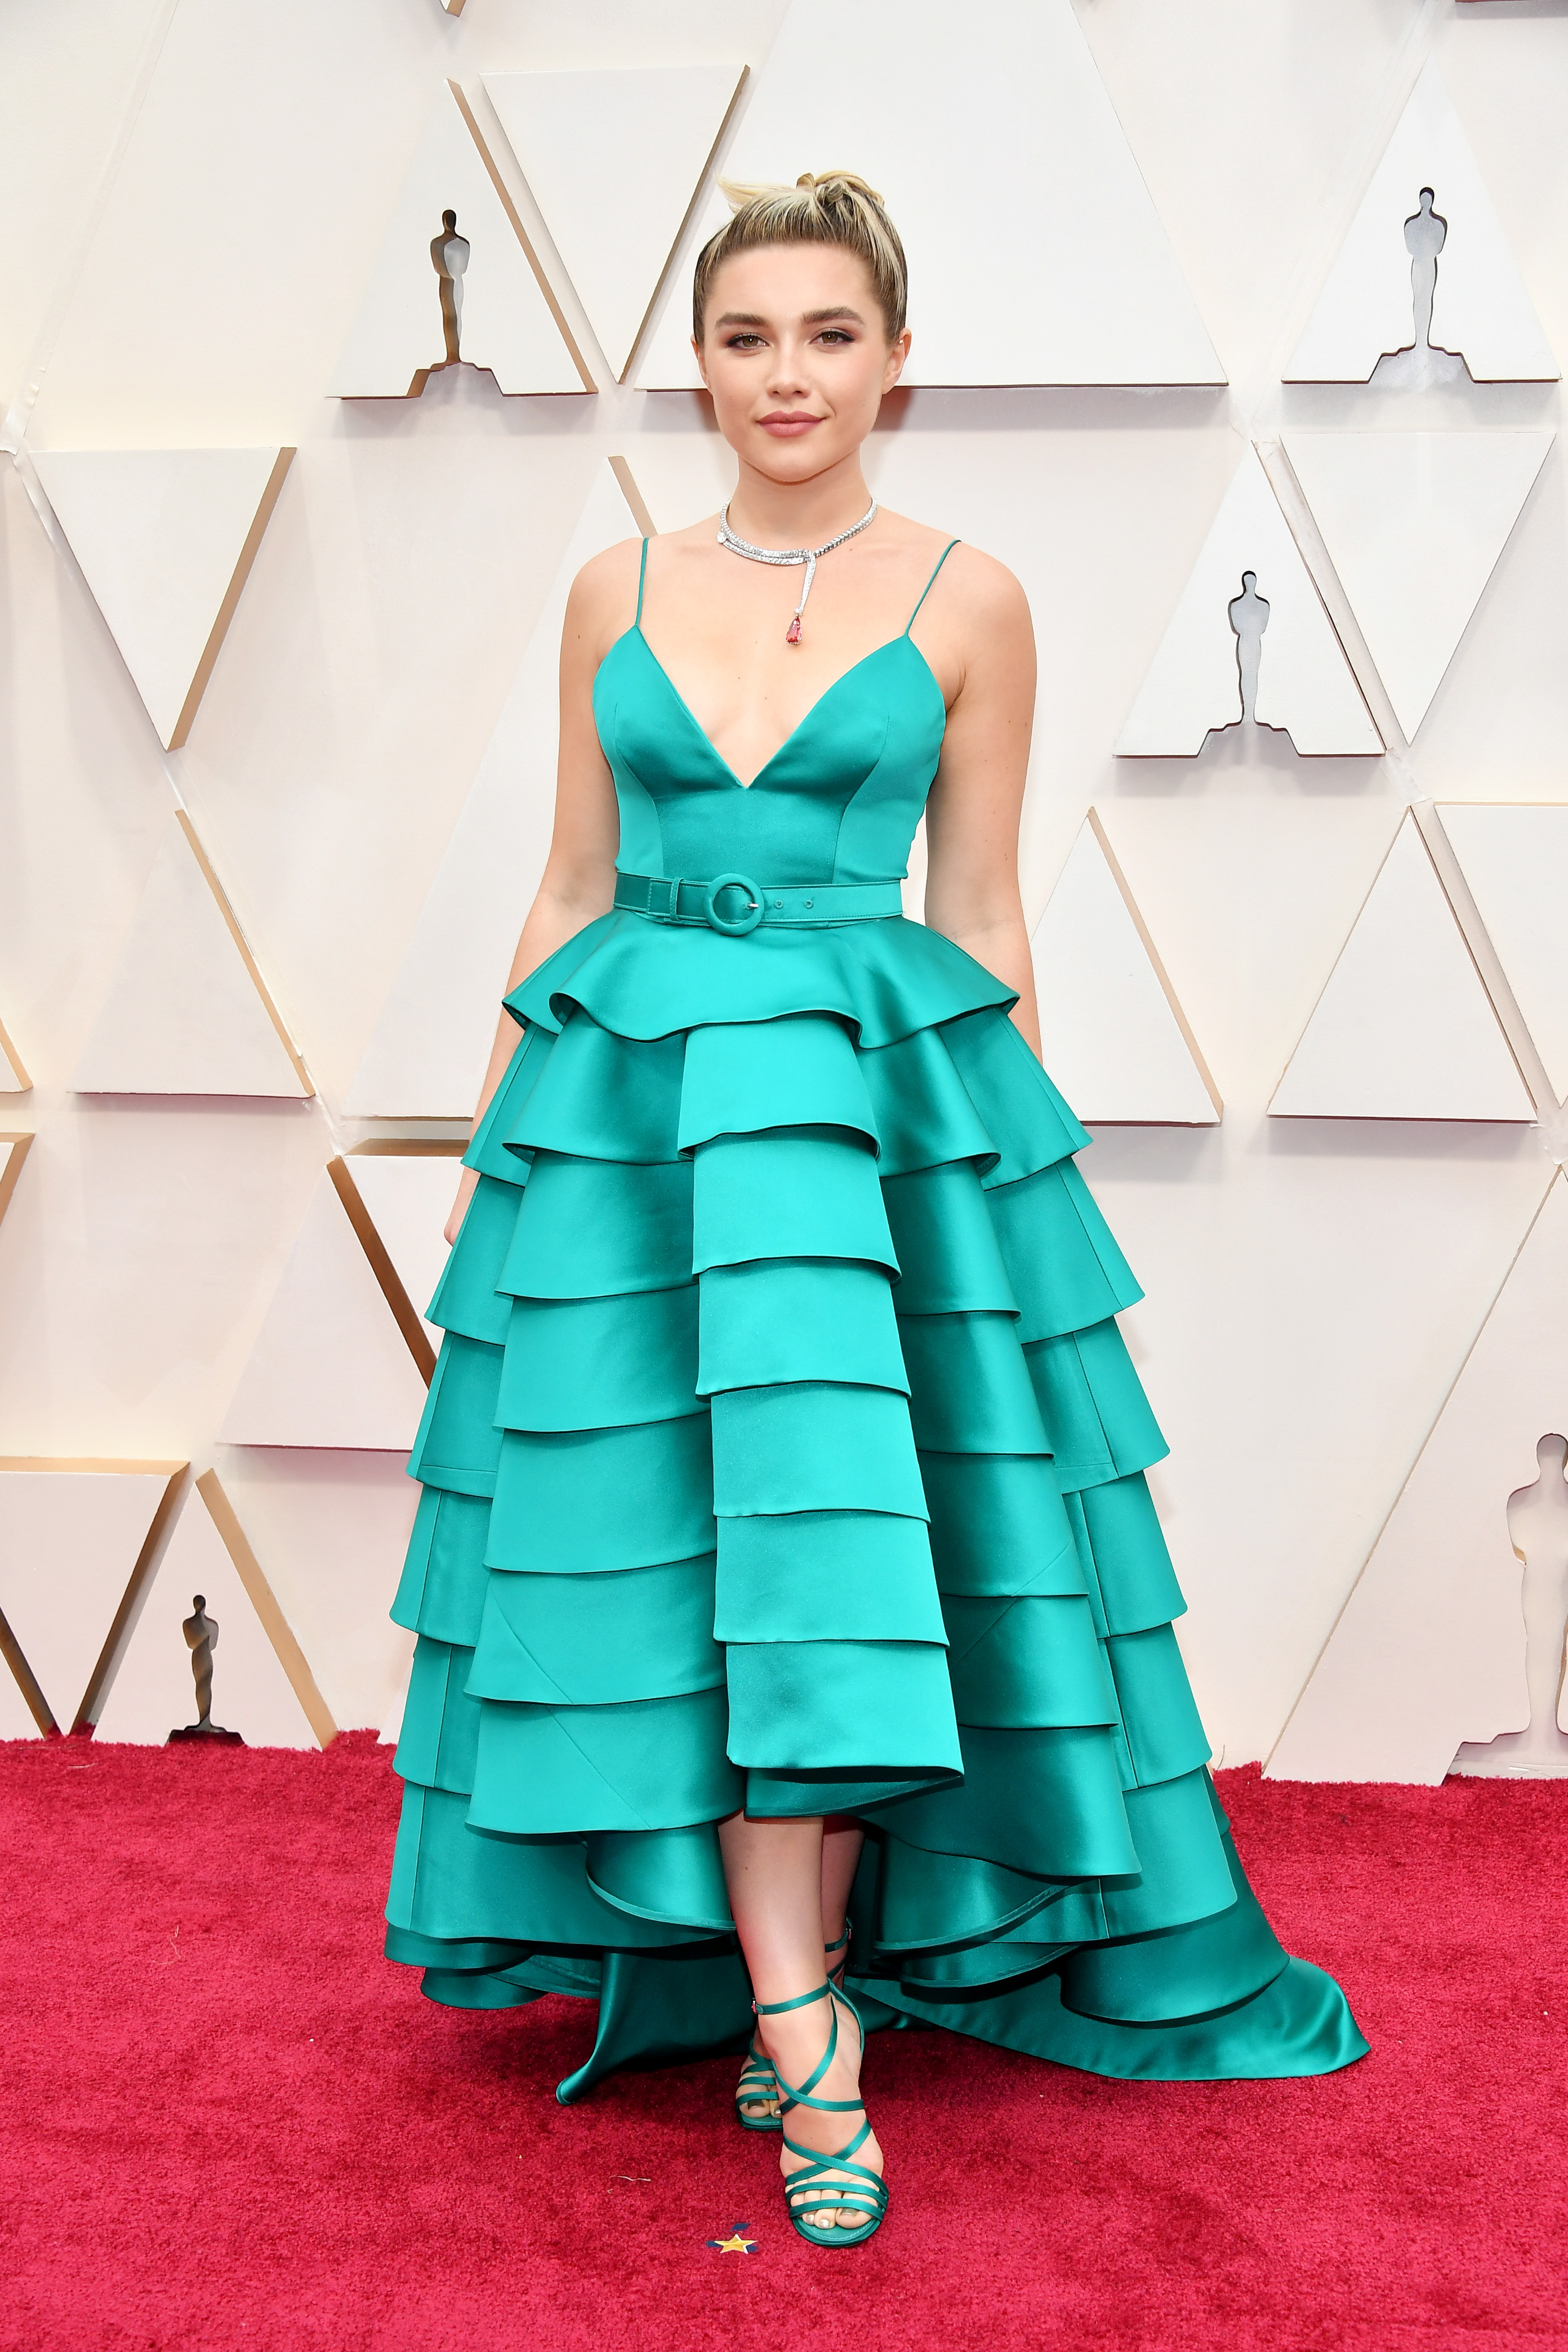 Флорънс Пю в Louis Vuitton Актрисата все по-често бива категоризирана като моден експериментатор с изключителен стил, но тюркоазената рокля на пластове не й прави комплимент. Даже напротив, повдигаме неодобрително вежди.